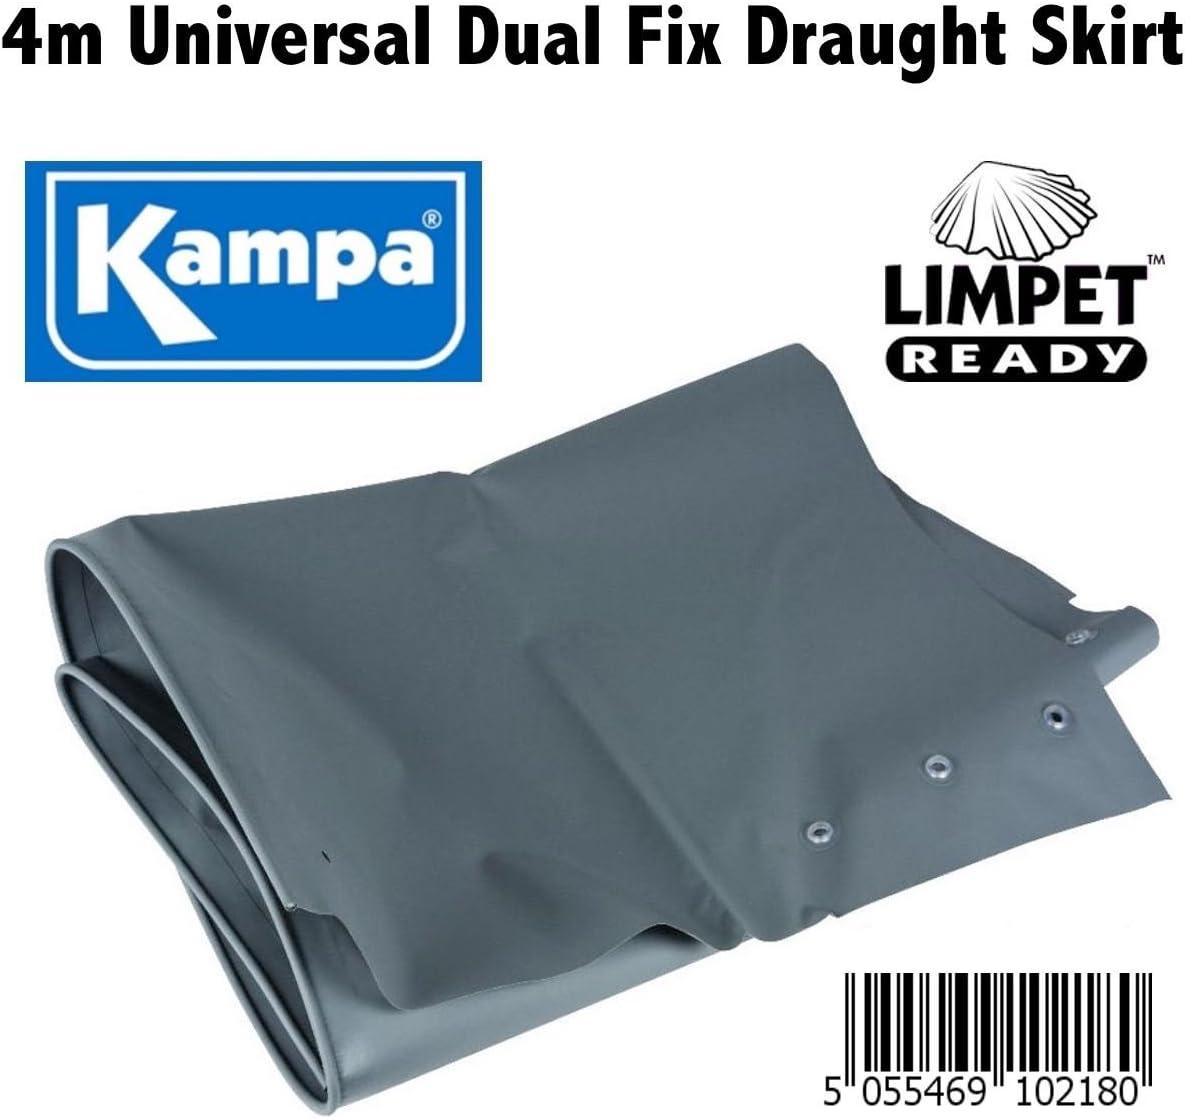 con tecnologia Limpet Ready 4/m x 70/cm Kampa minigonna universale per roulotte e camper